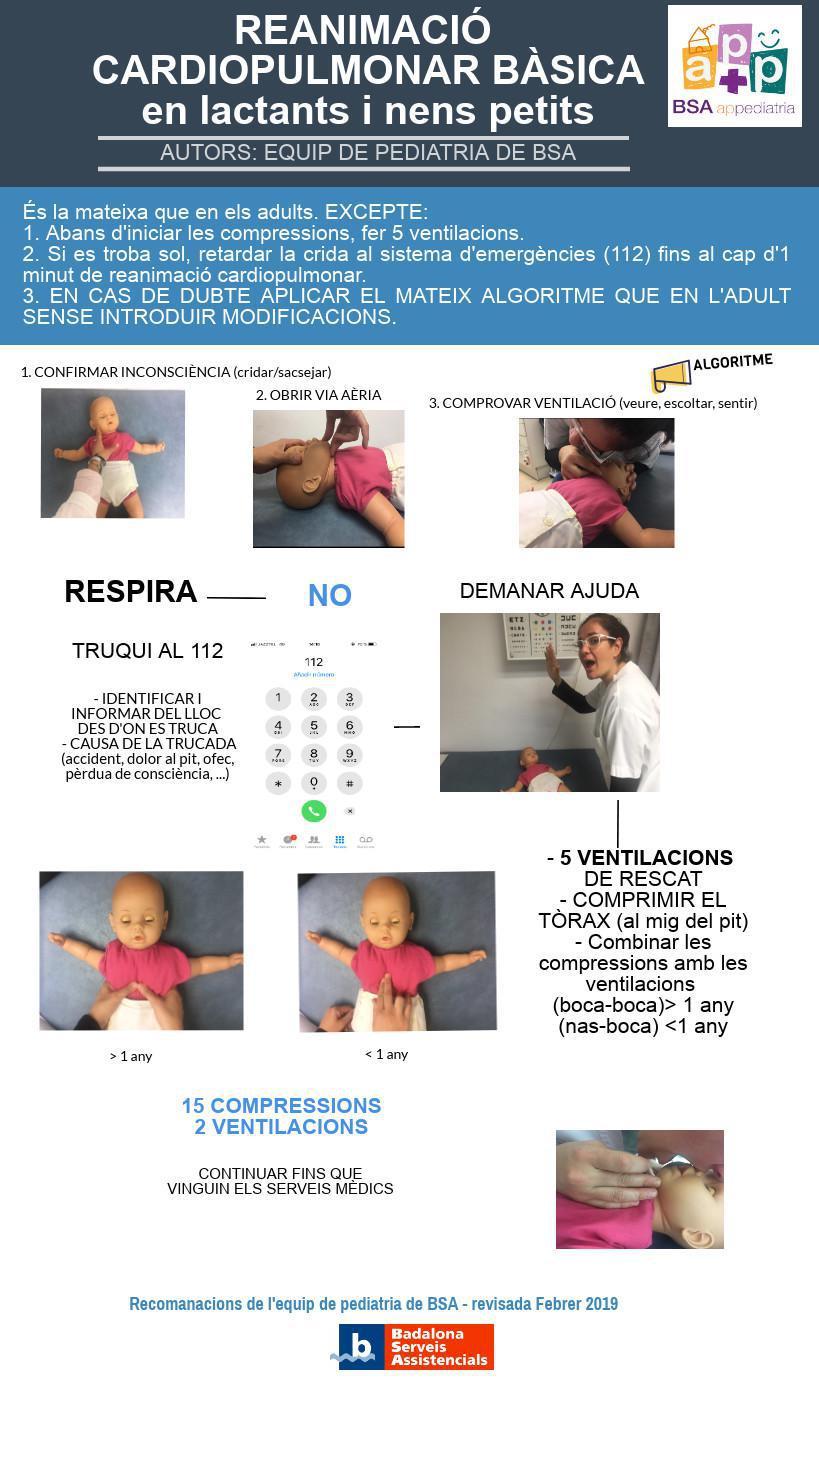 Reanimació cardiopulmonar bàsica en lactants i nens petits